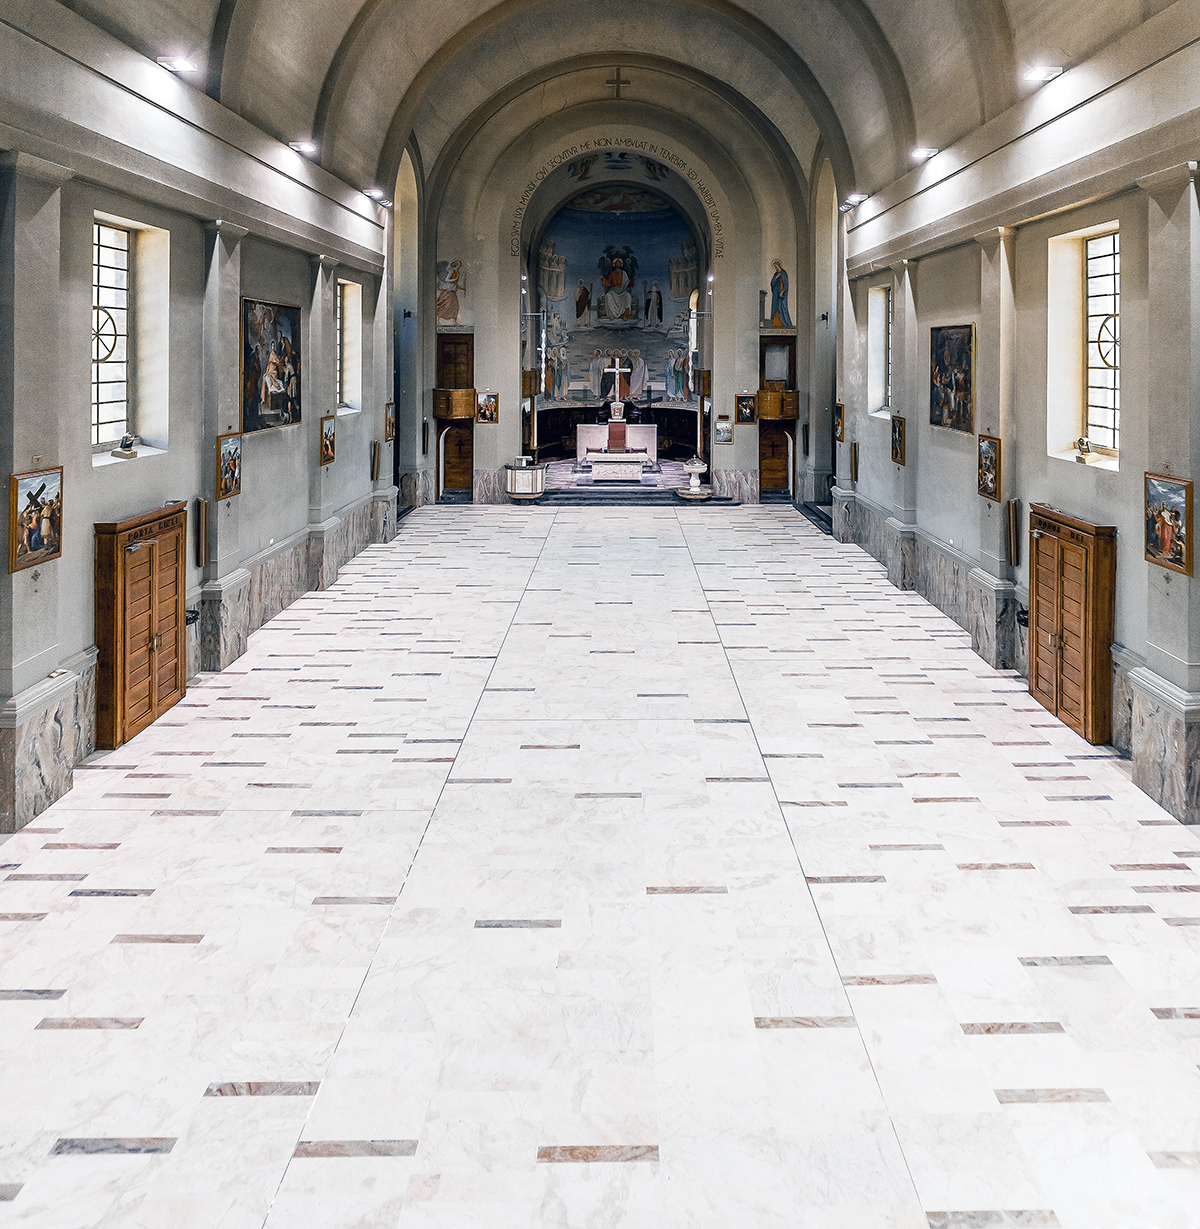 Church-of-SantAntonio-Abate-gianluca-gelmini1.jpg